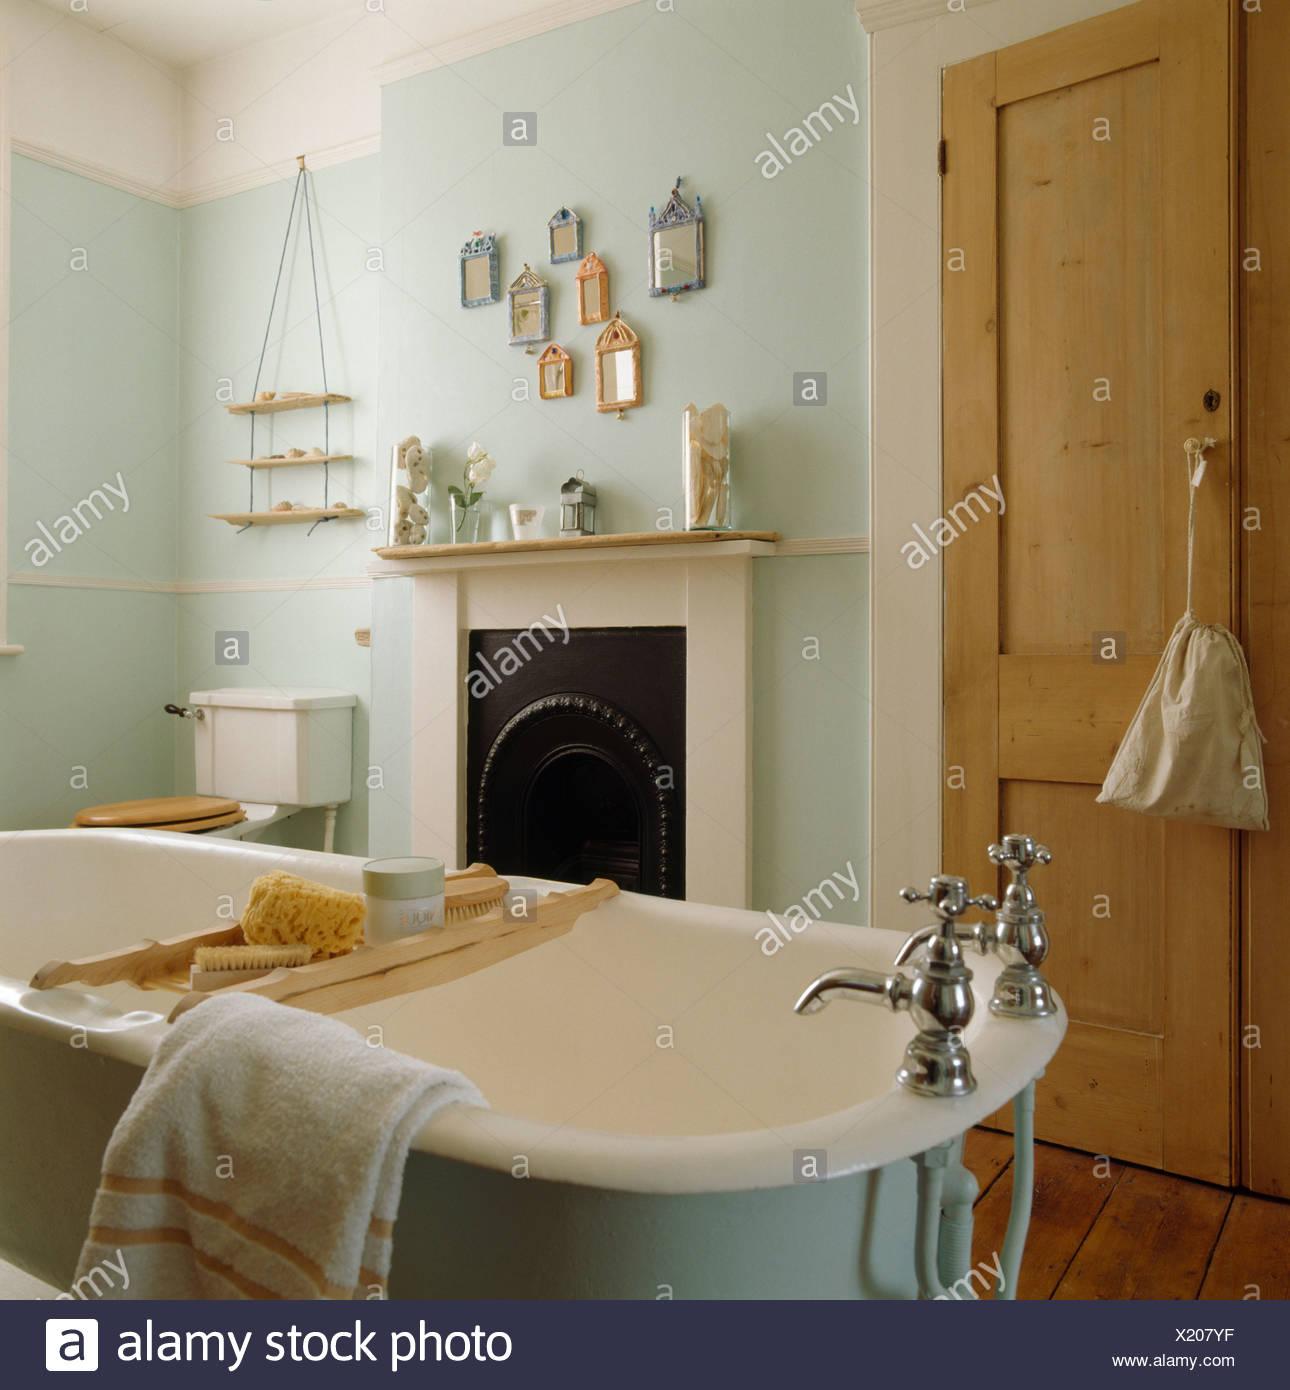 https www alamyimages fr une baignoire en bois avec baignoire rack en vert pale salle de bains avec placard et pin blanc petite cheminee image276601459 html